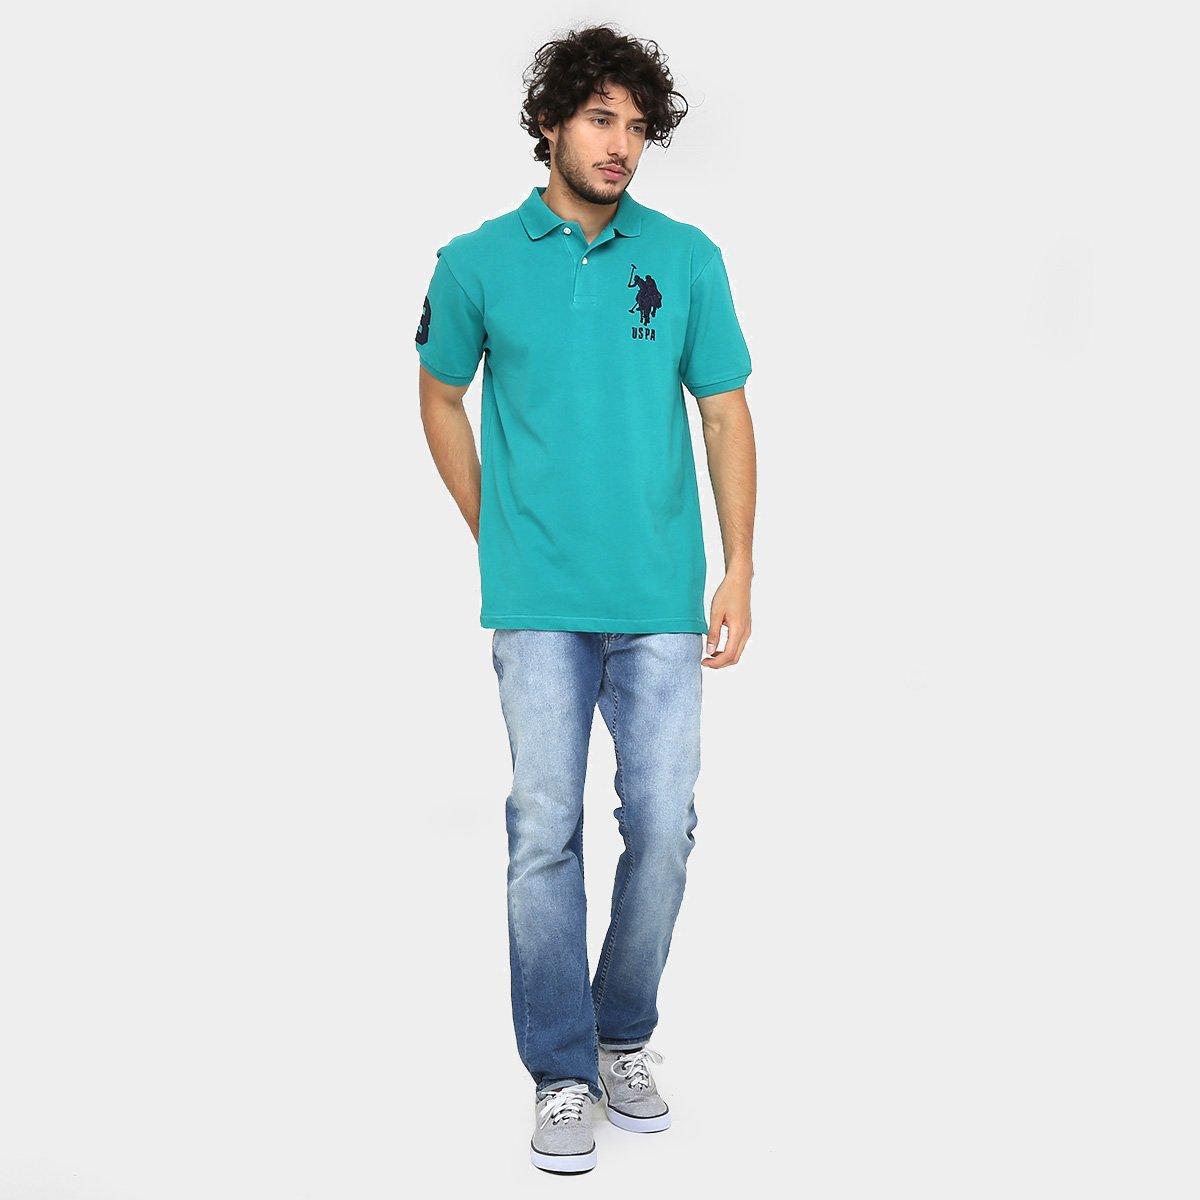 Camisa Polo U.S Polo Assn Piquet Bordado - Compre Agora  c9f2ea7783da9